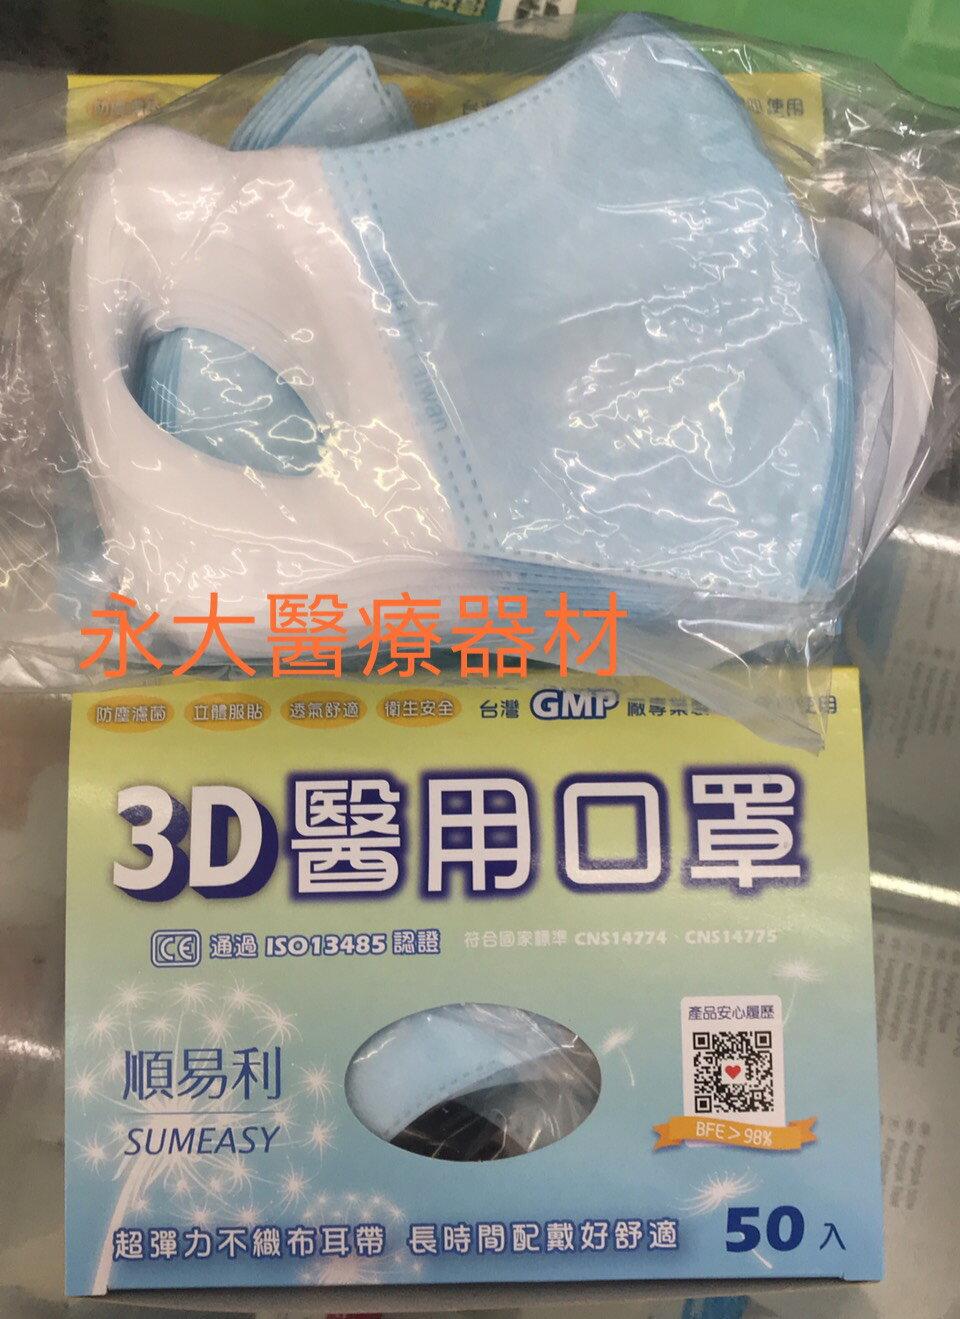 永大醫療~順易利 3D醫用口罩 ~藍色 (成人 13*17.5cm)~50入/1盒~450元~下標口罩訂單如2天內未付款將自動取消訂單保留給有需要的人購買^^